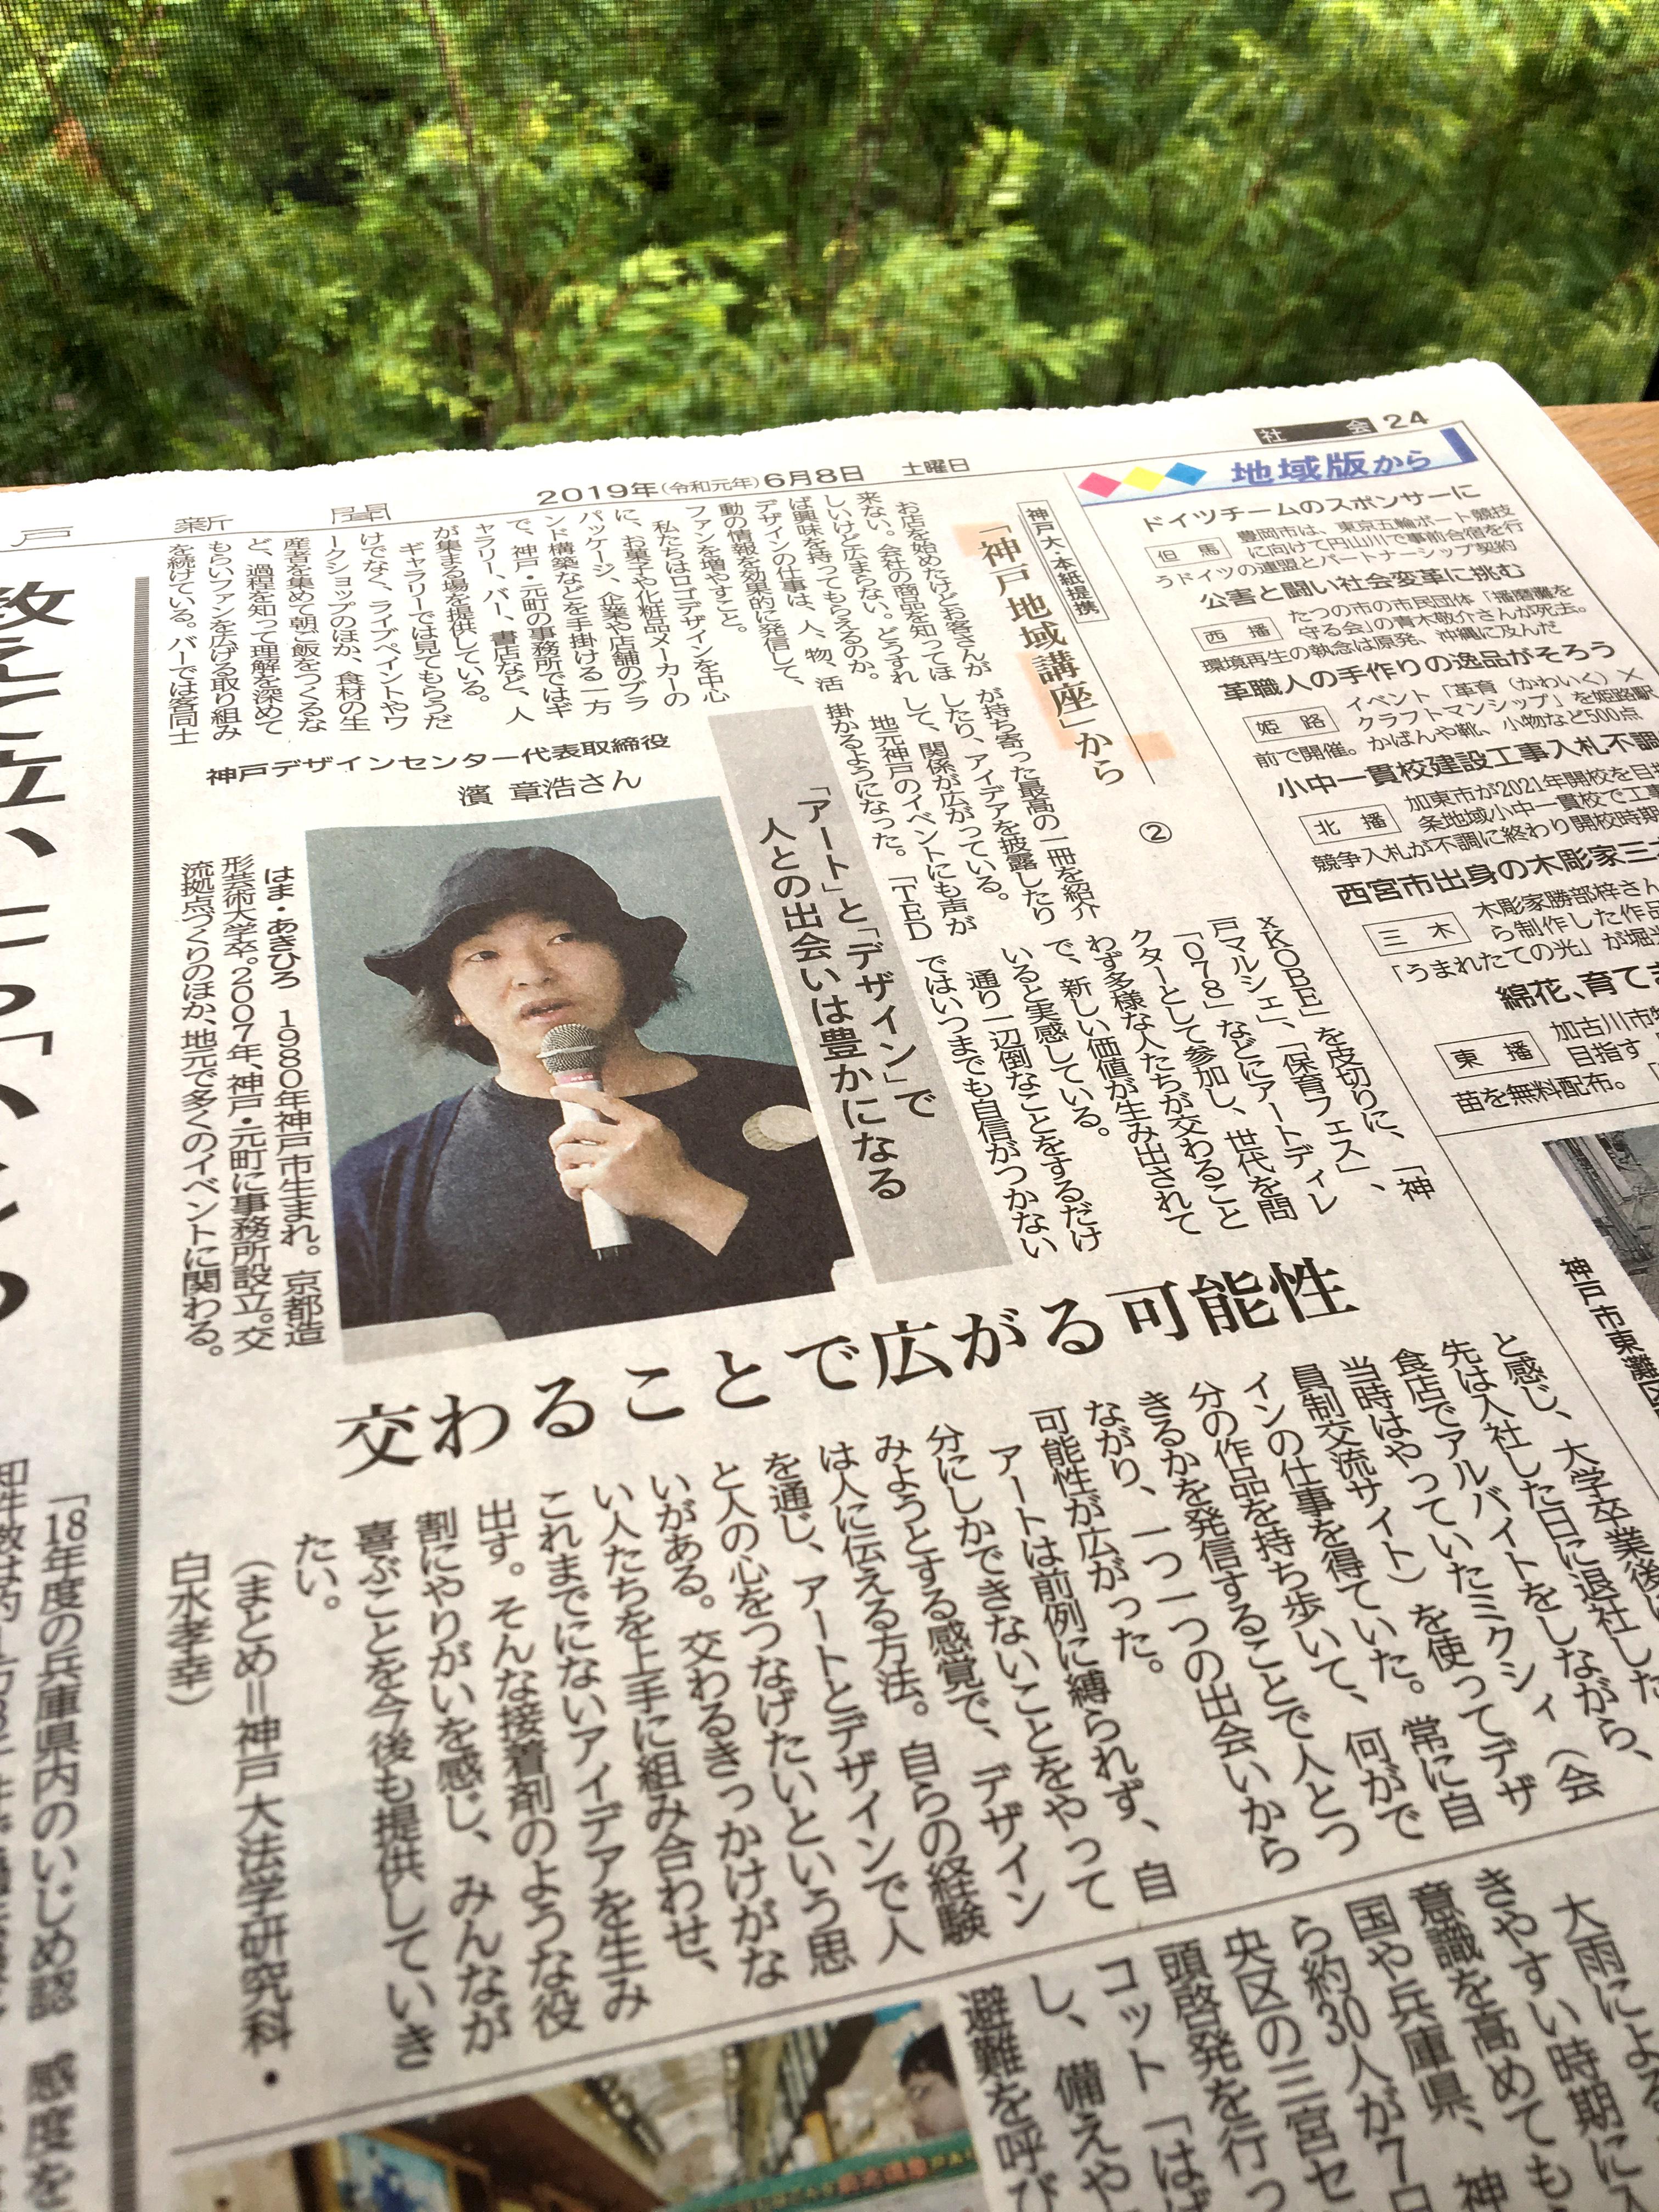 [令和元年6月8日(土)]神戸新聞の朝刊に先日の神戸大学での講義の内容を取り上げていただきました。